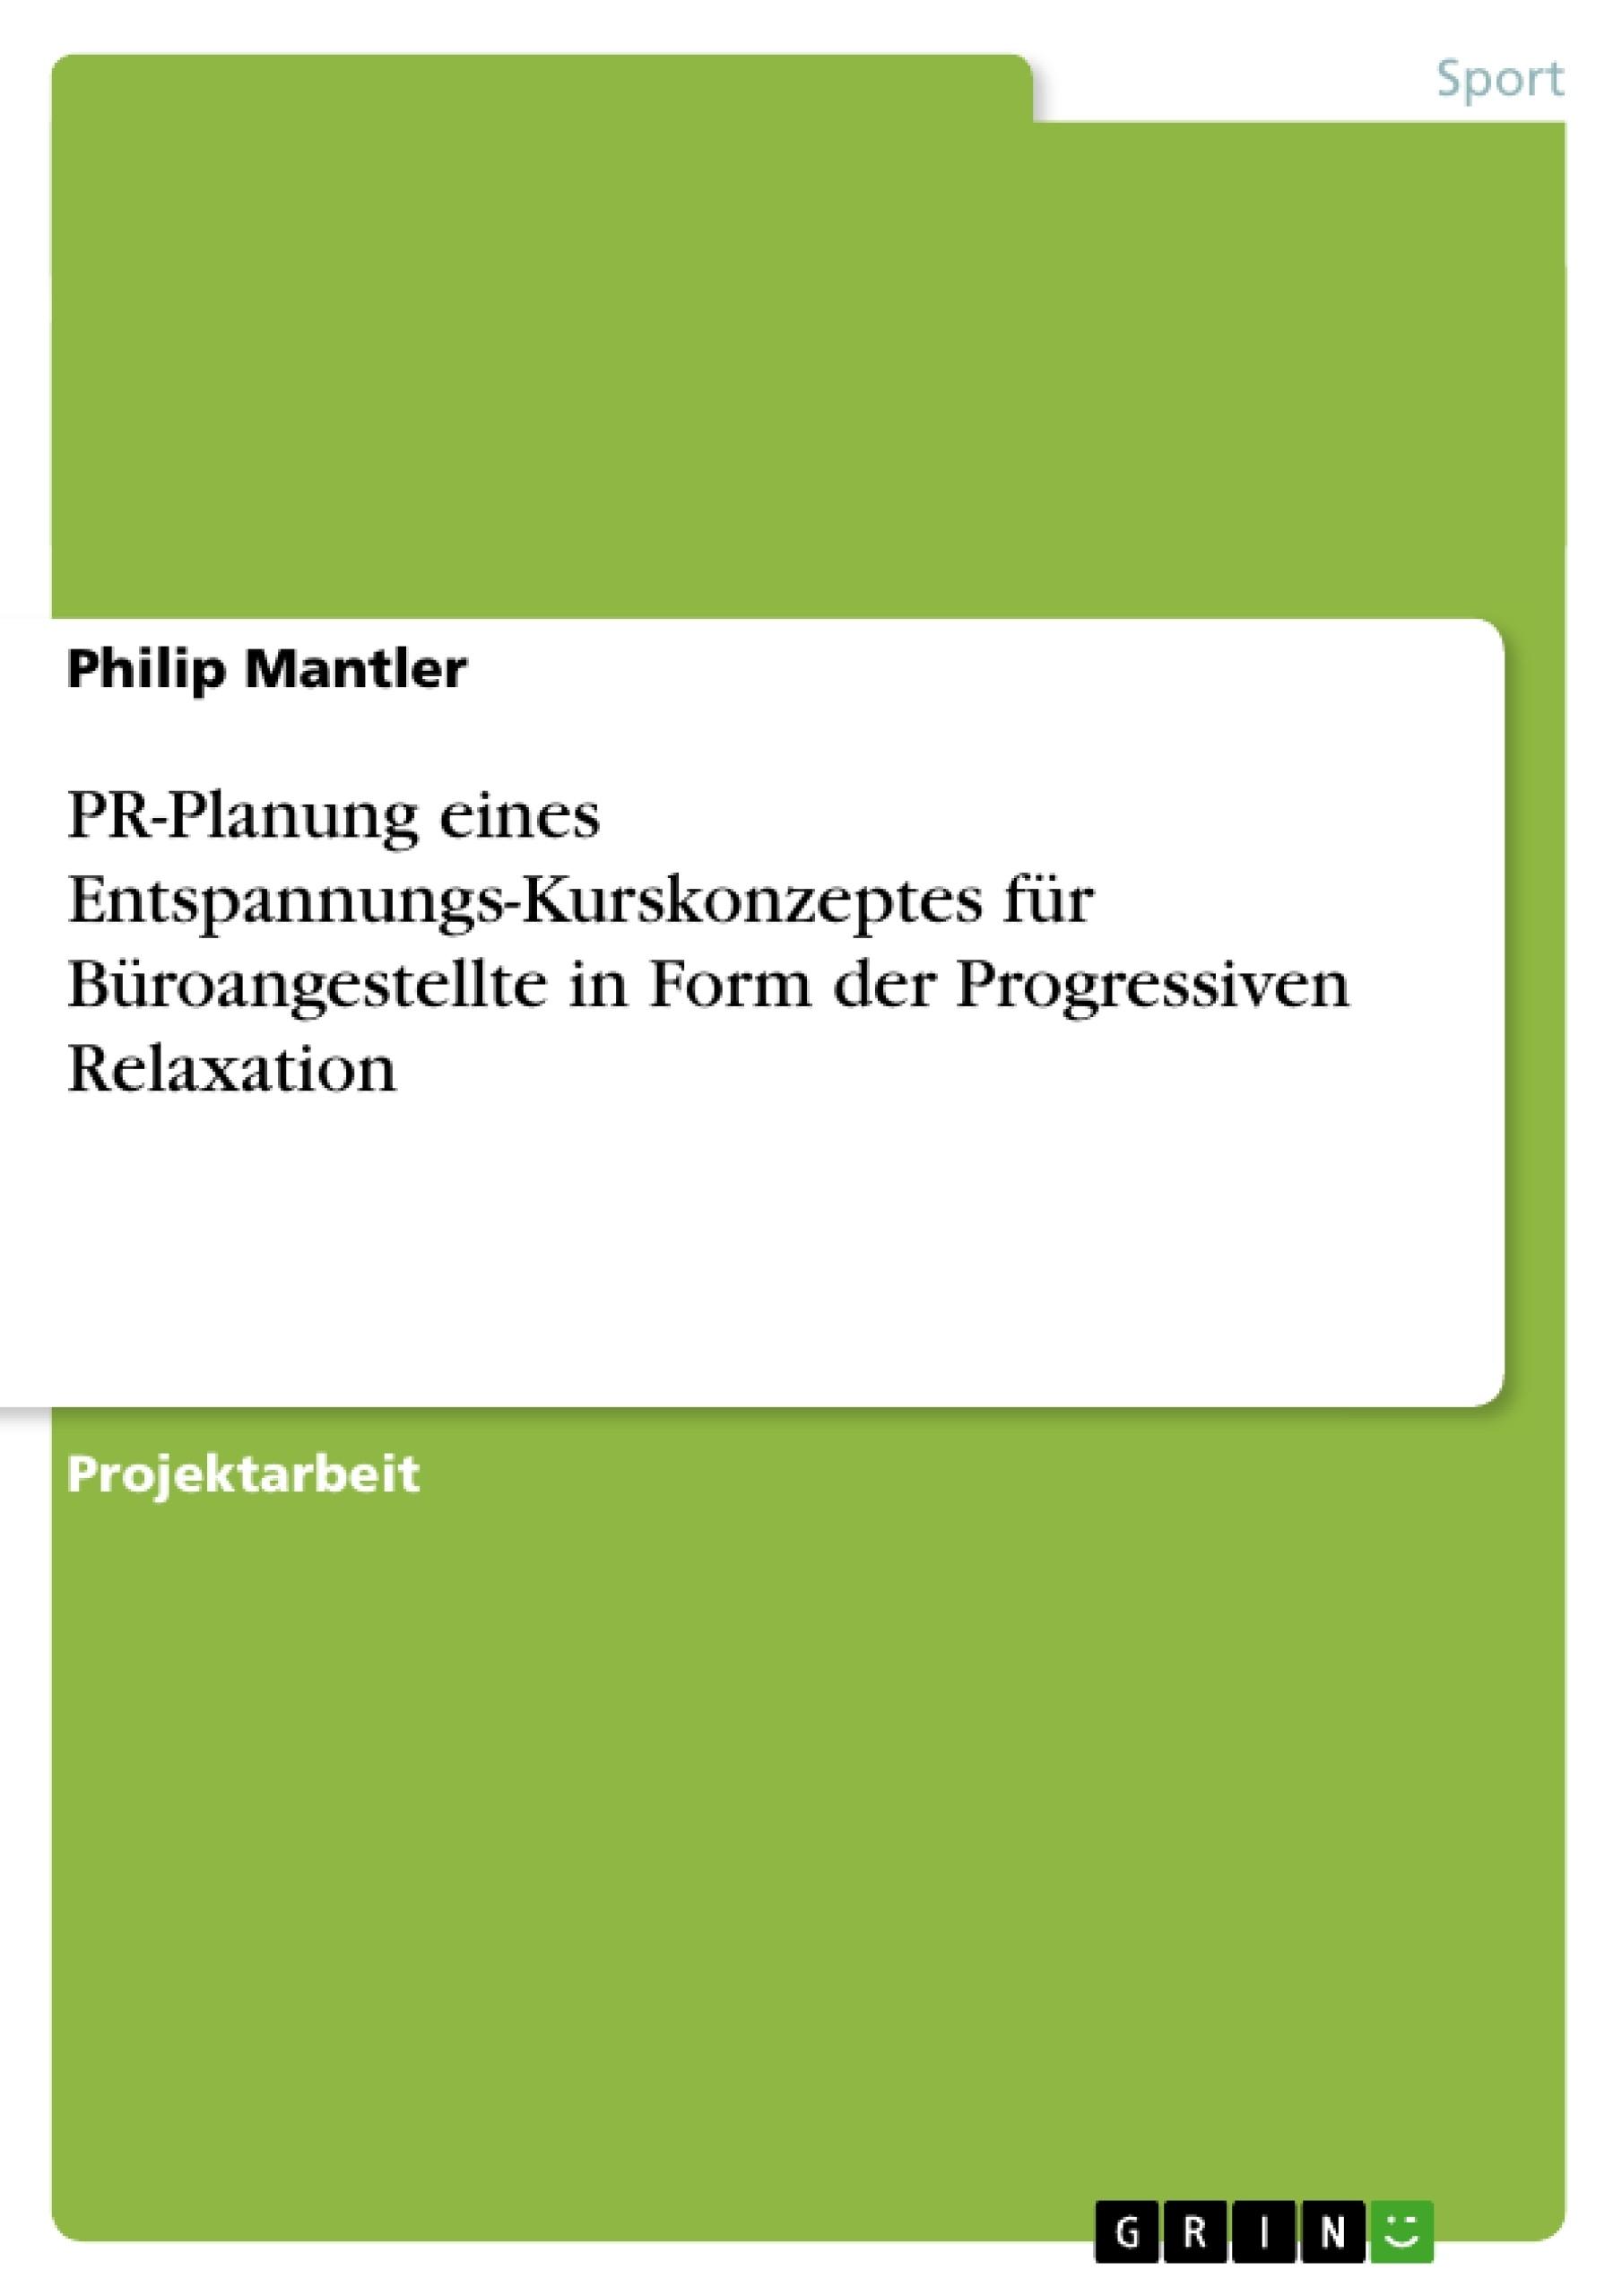 Titel: PR-Planung eines Entspannungs-Kurskonzeptes für Büroangestellte in Form der Progressiven Relaxation